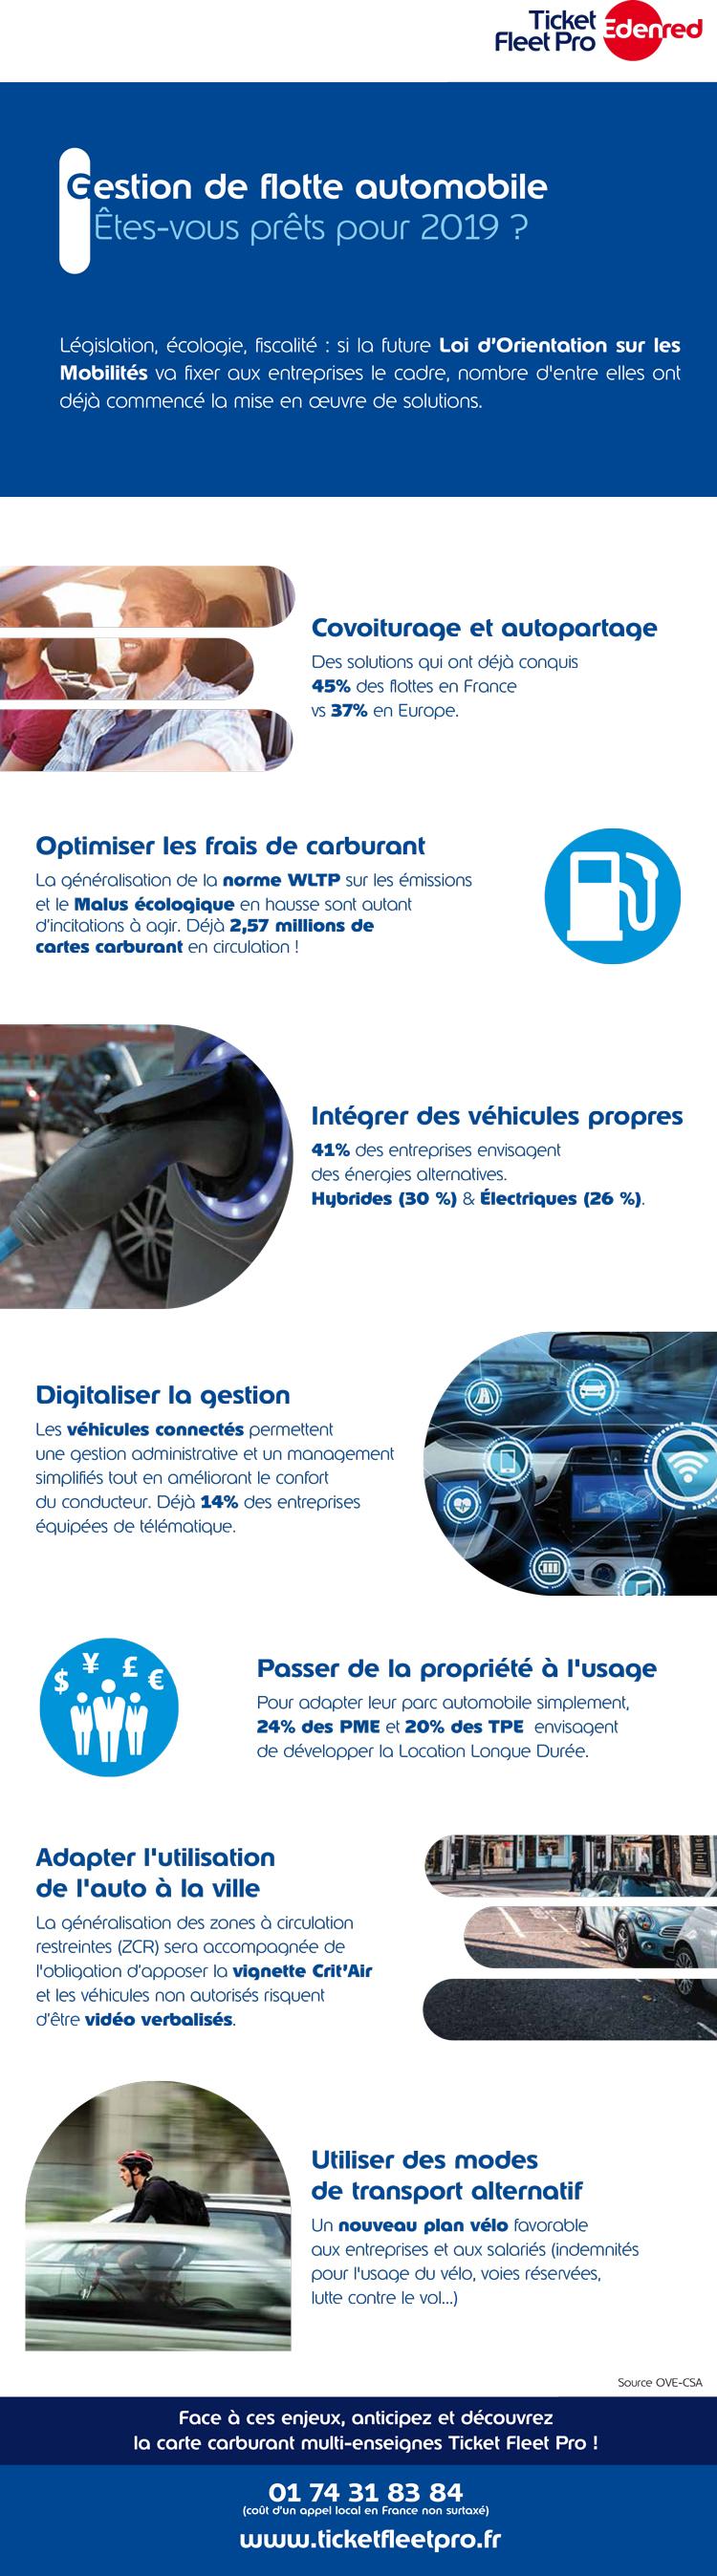 Edenred-Infographie-Gestion de flotte automobile